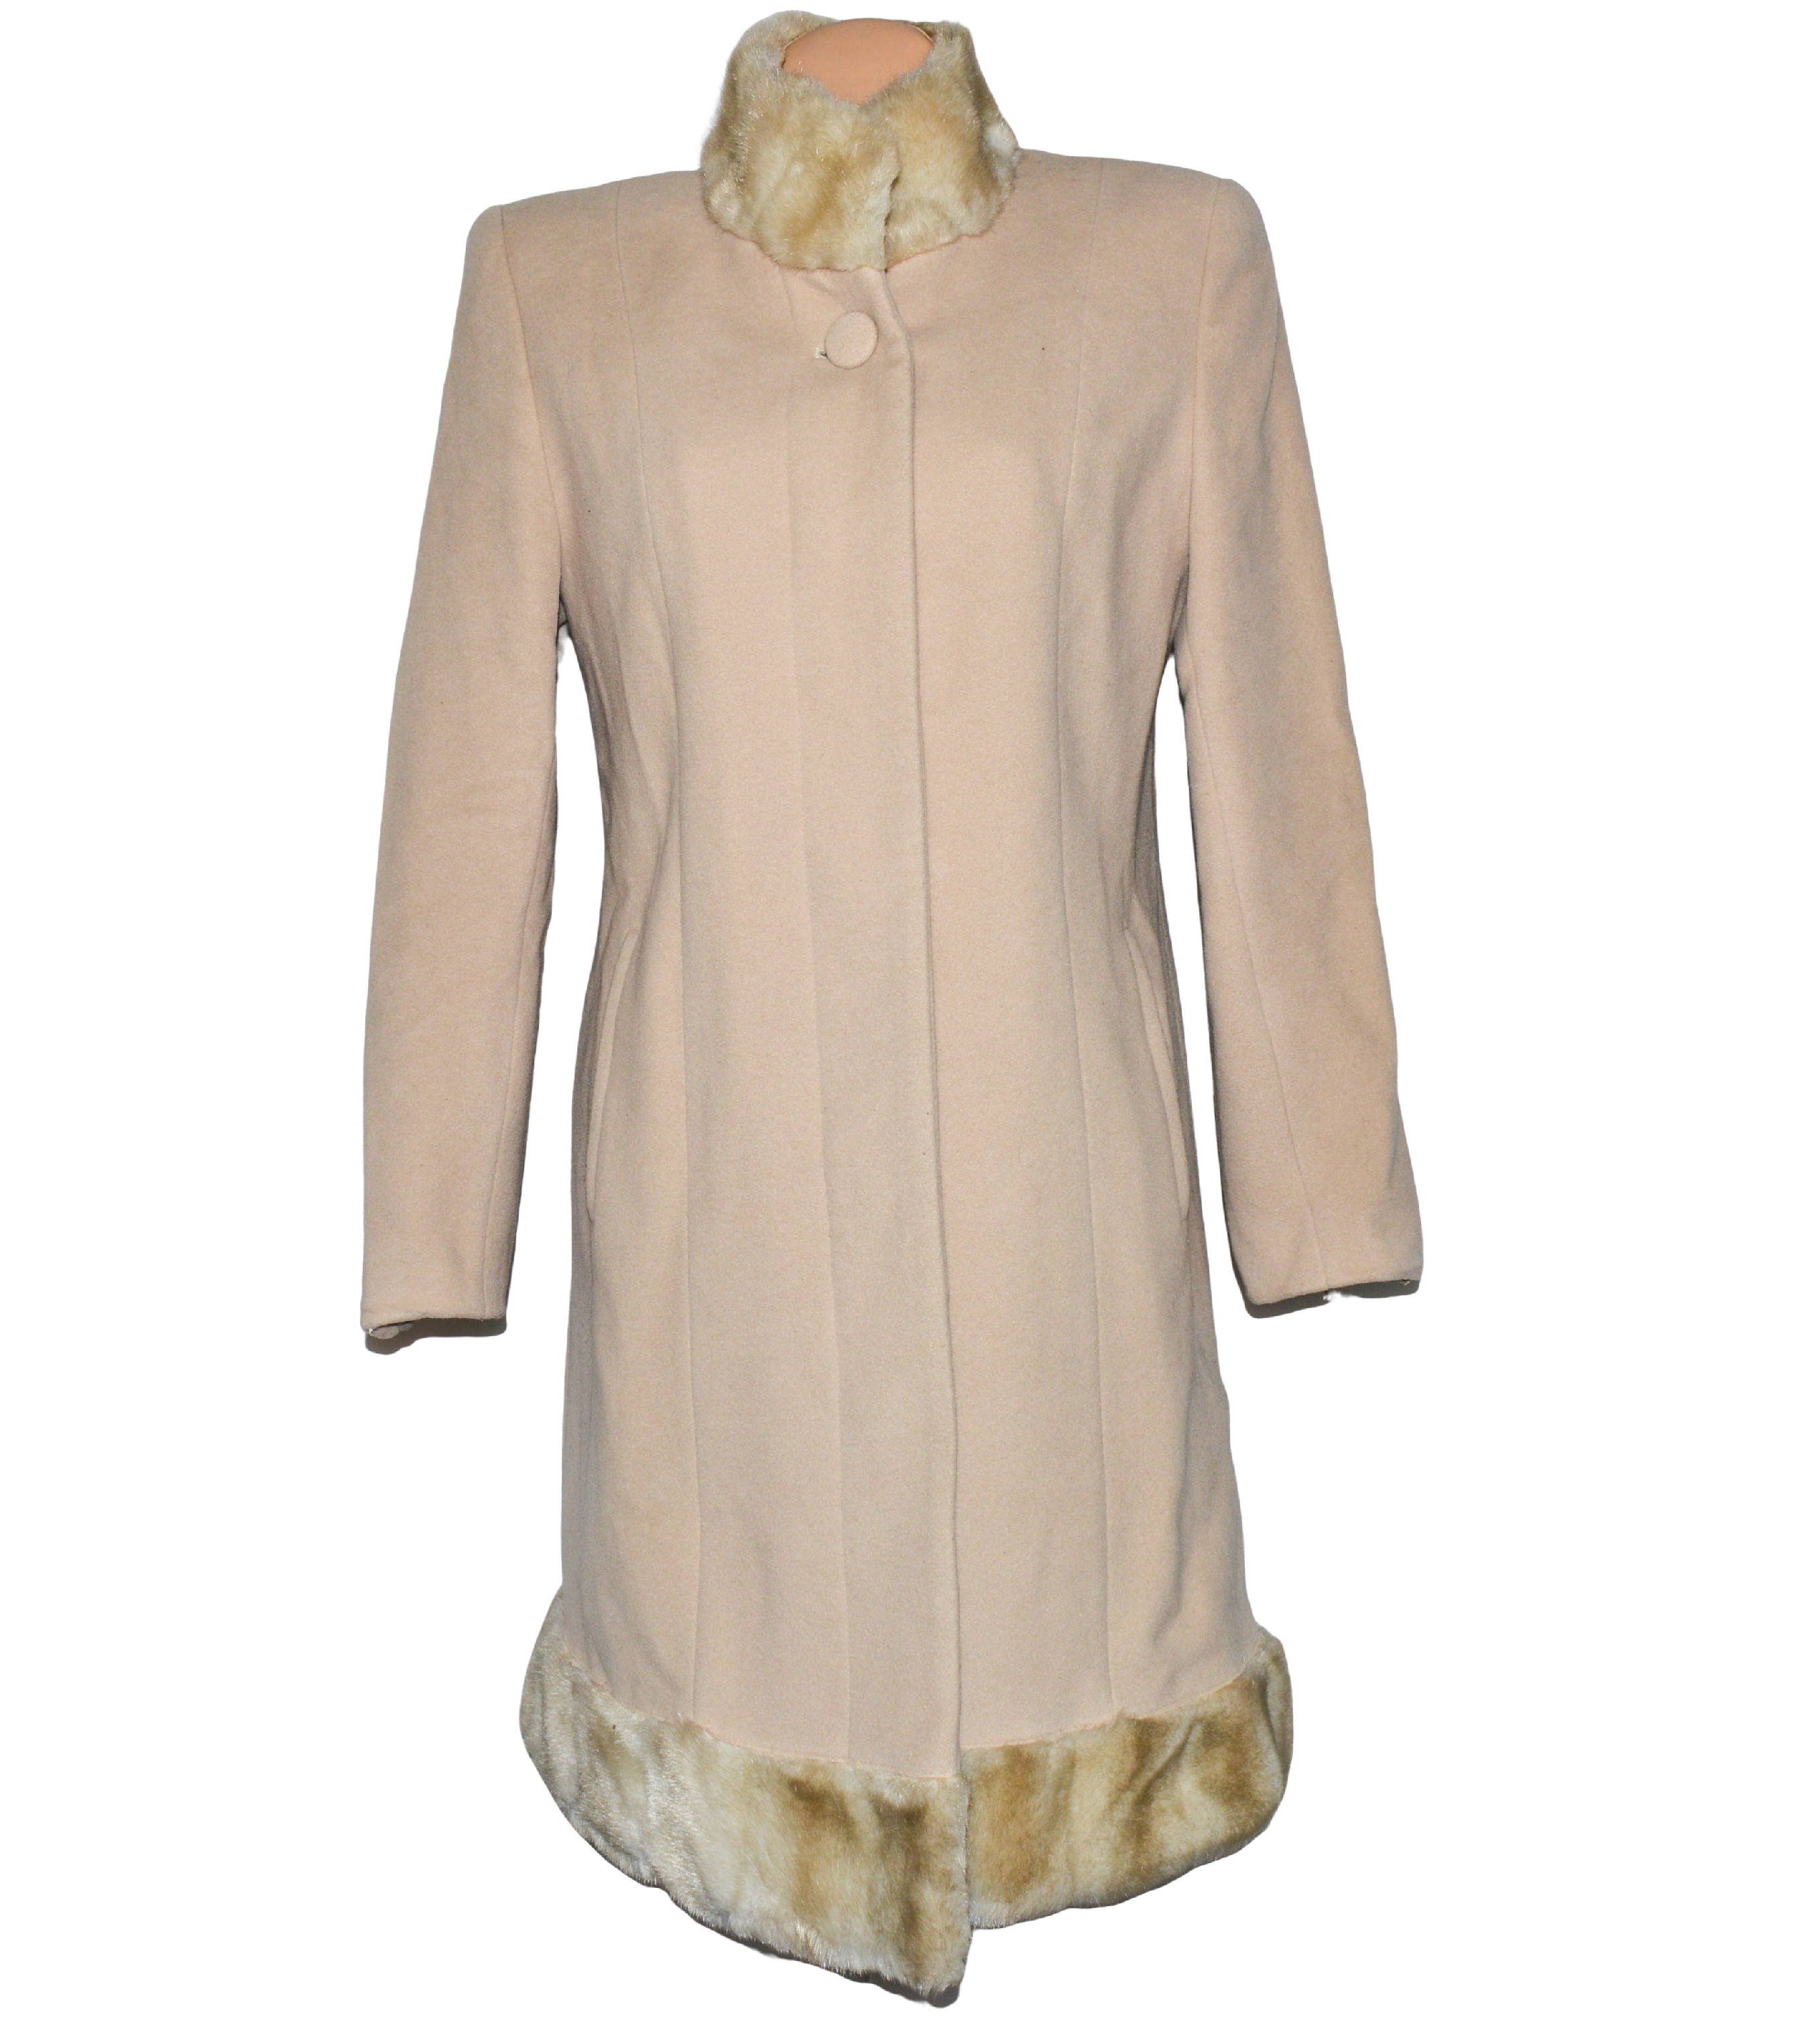 Vlněný dámský béžový kabát s kožíškem (vlna, kašmír) L